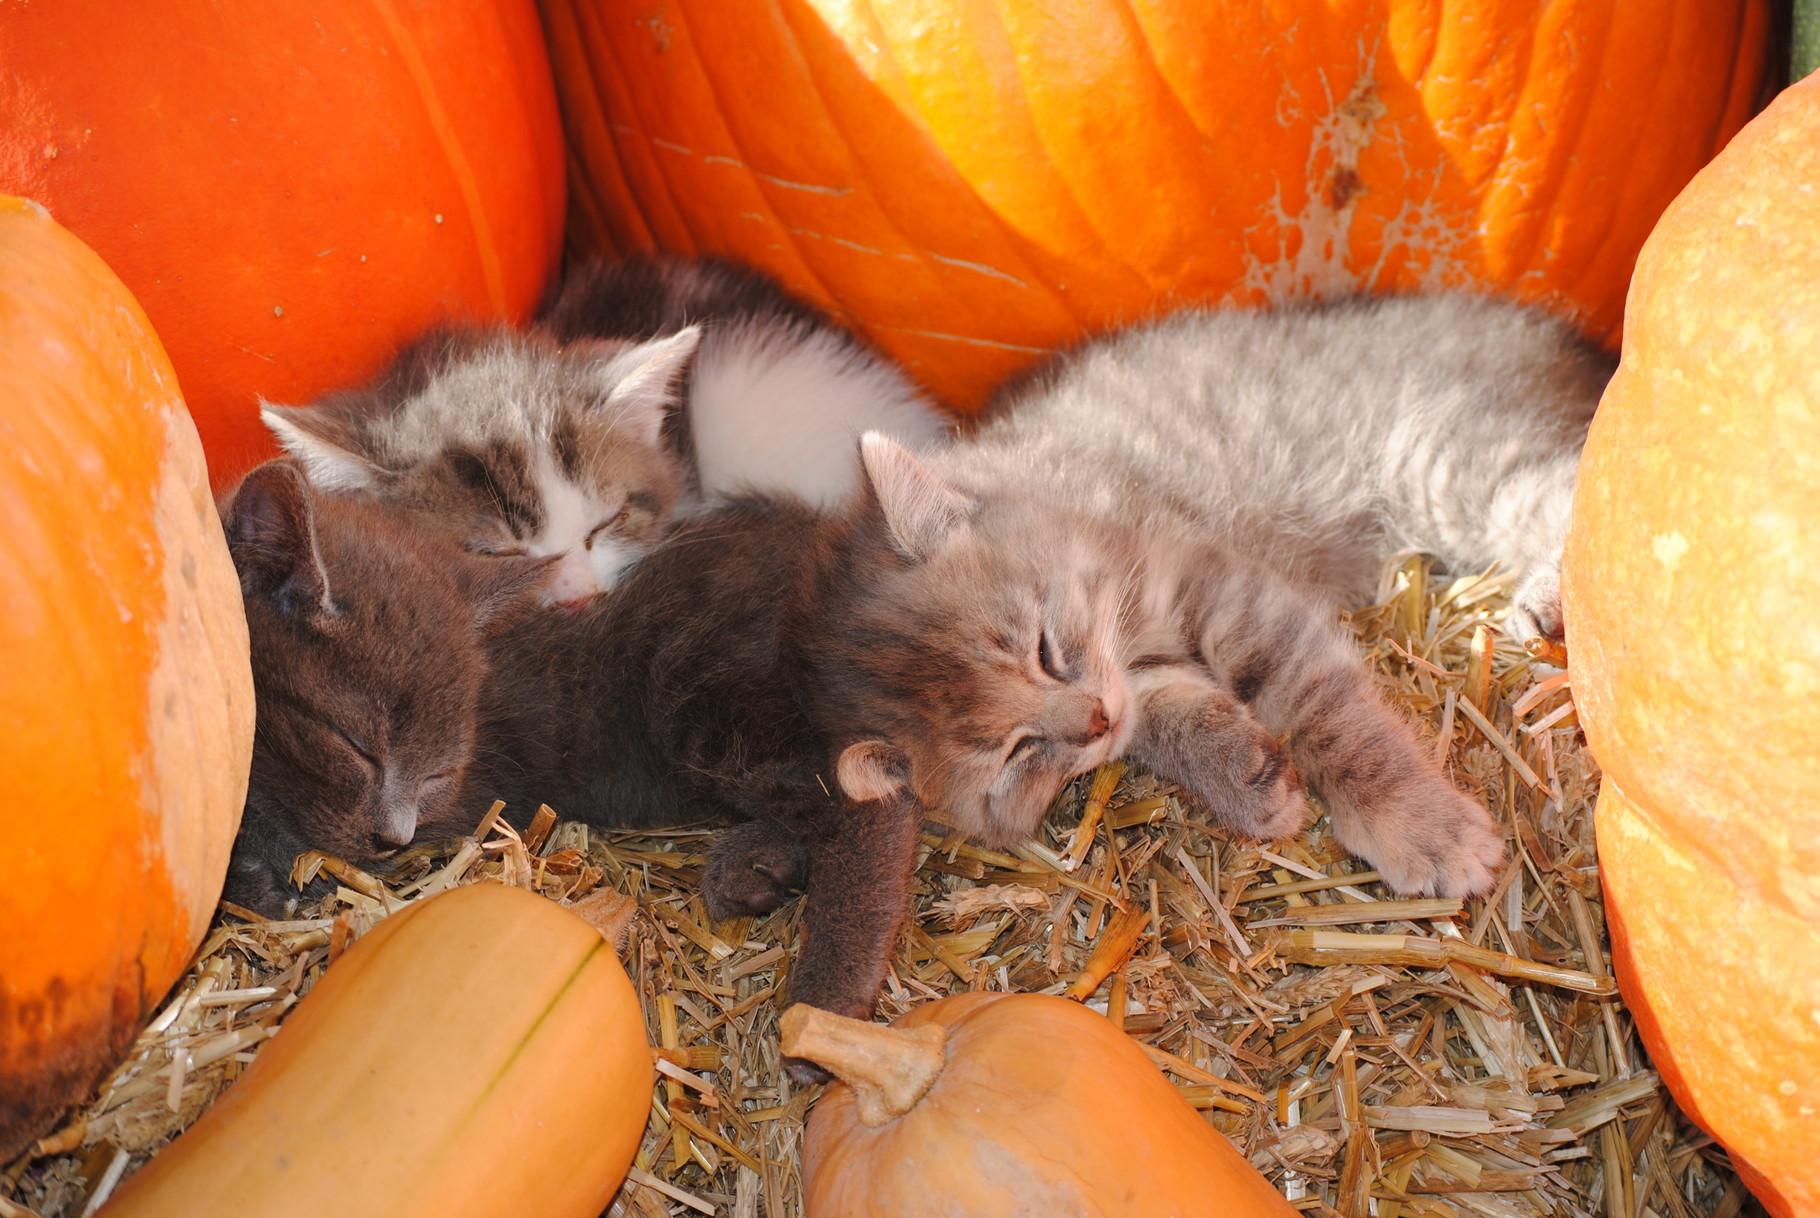 Die kleinen Katzen geniessen die Herbstsonne.